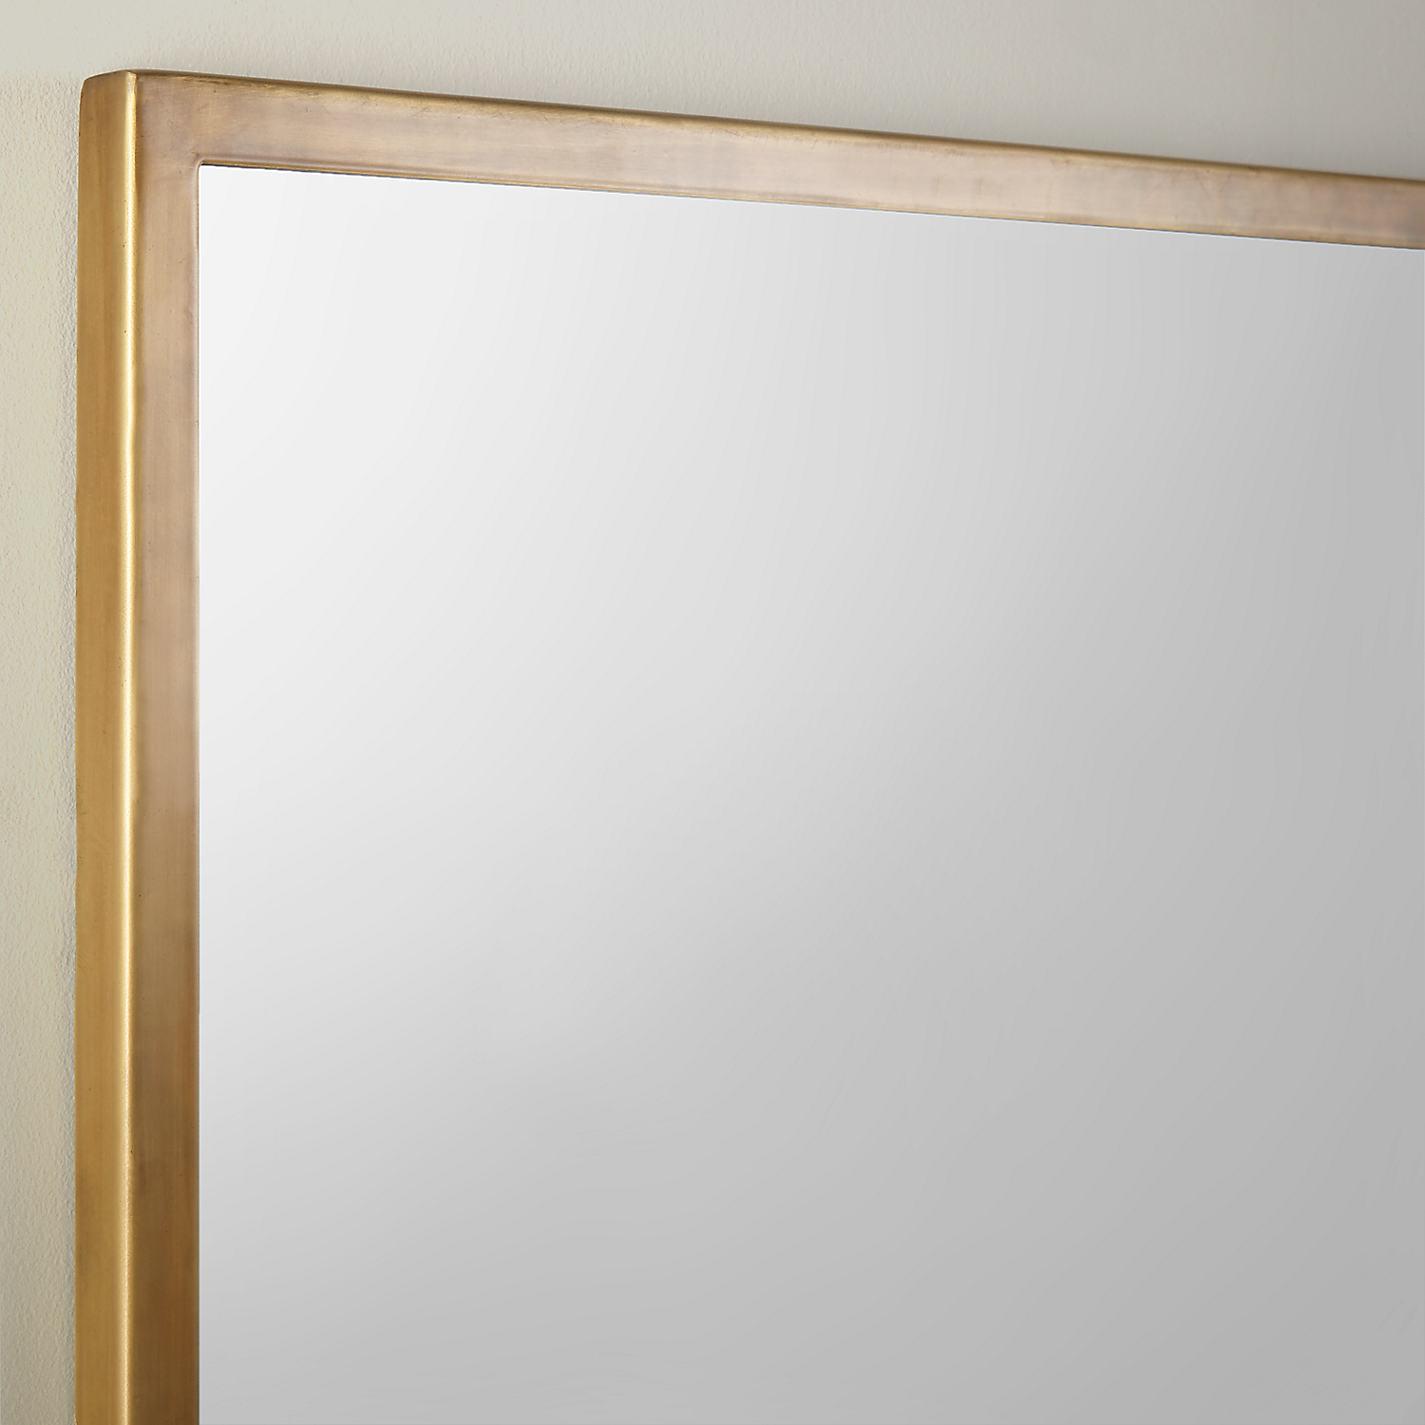 mirror john lewis. buy john lewis antique brass edged mirror, rectangular, 102 x 76cm online at johnlewis mirror